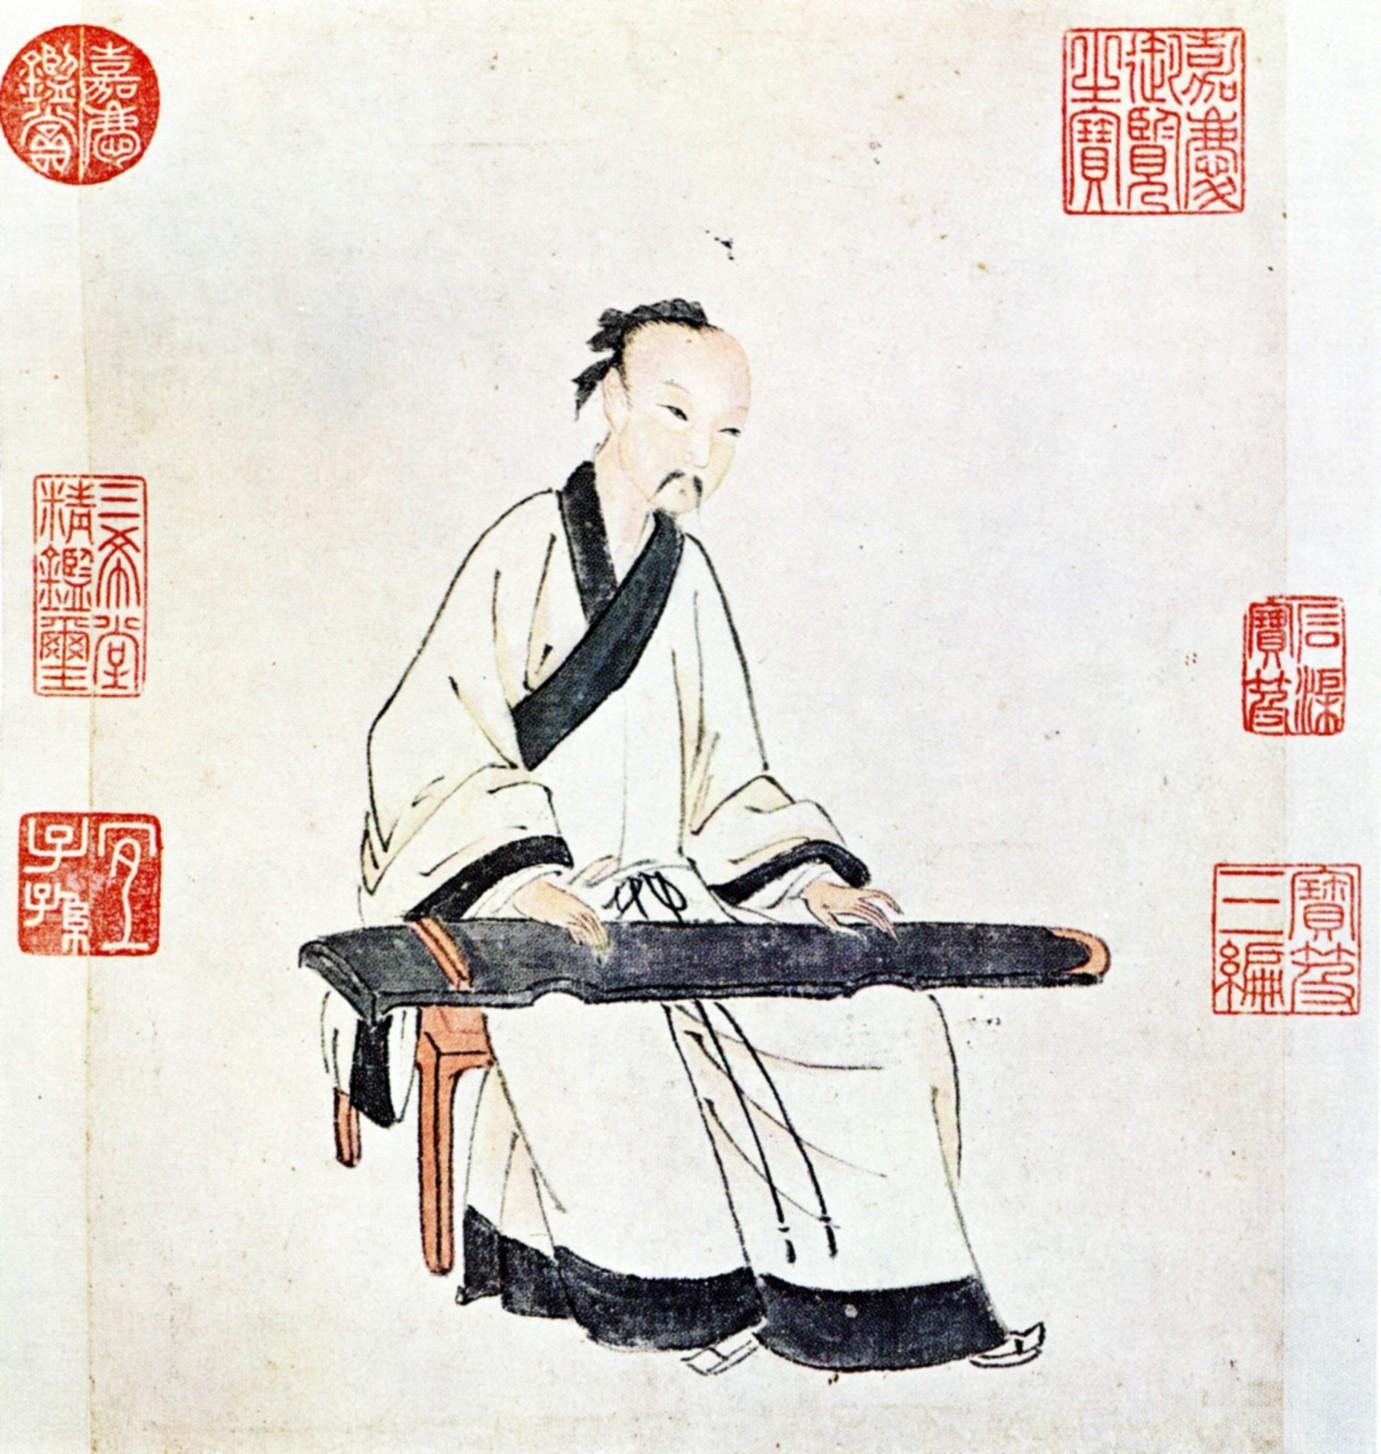 Yang Jijing (杨季静) playing a guqin by the painter Wen Boren, National Palace Museum, Taipei. (Image: wikimedia / CC0 1.0)